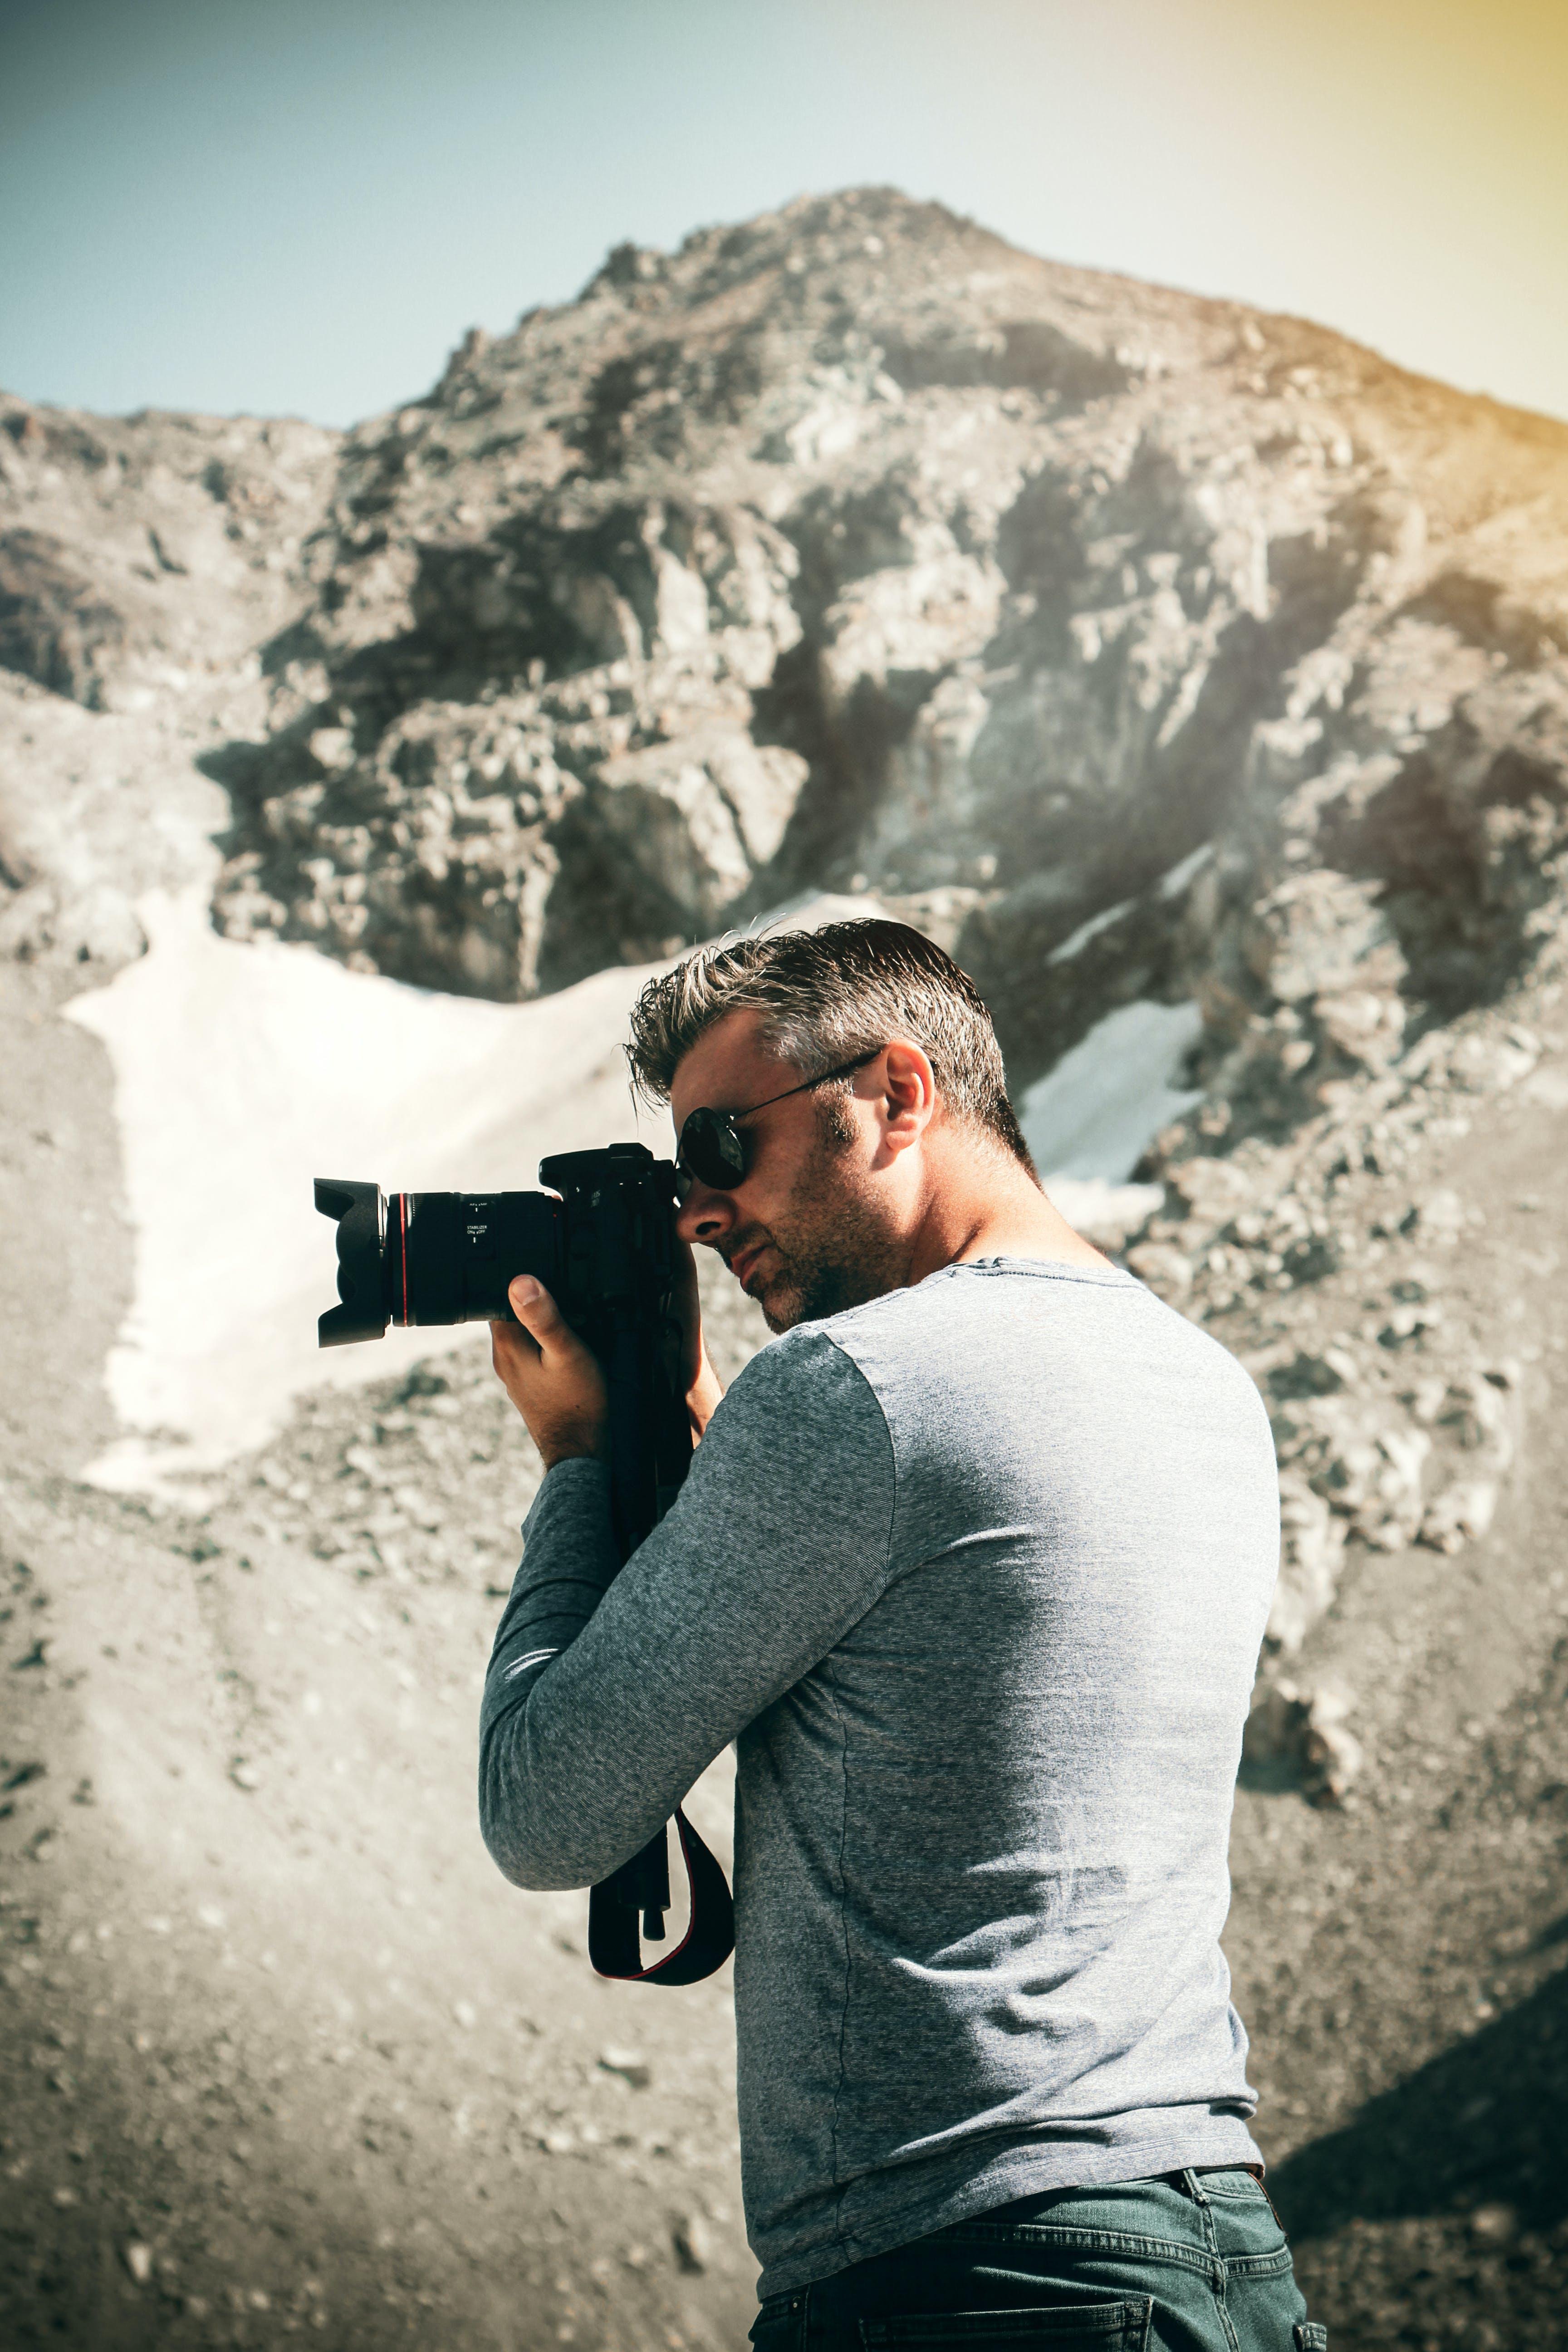 Kostenloses Stock Foto zu schnee, landschaft, mann, person